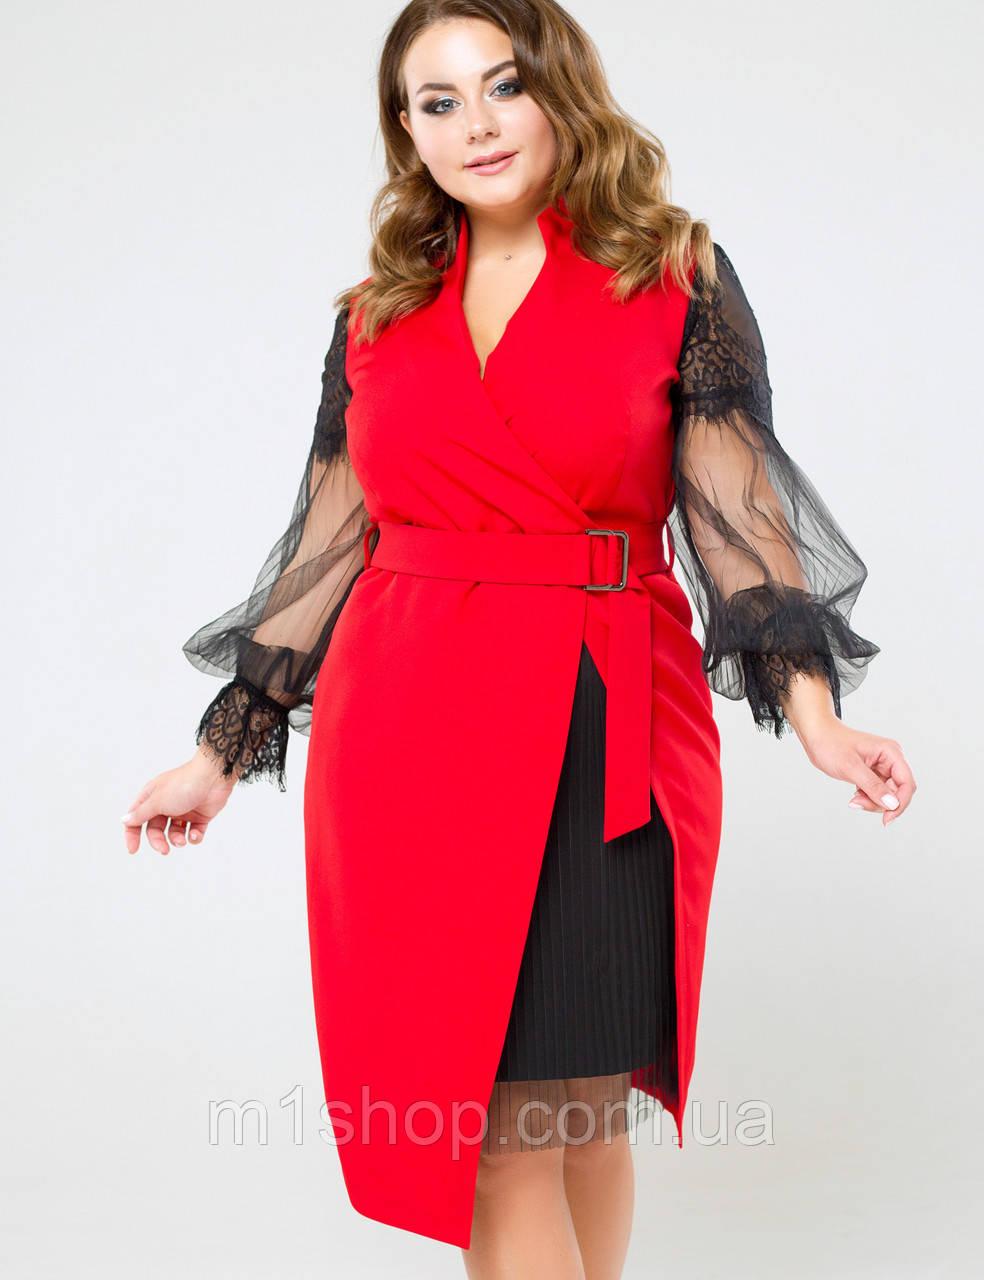 Женское красное платье с рукавами из сетки больших размеров (Фьюжи lzn)